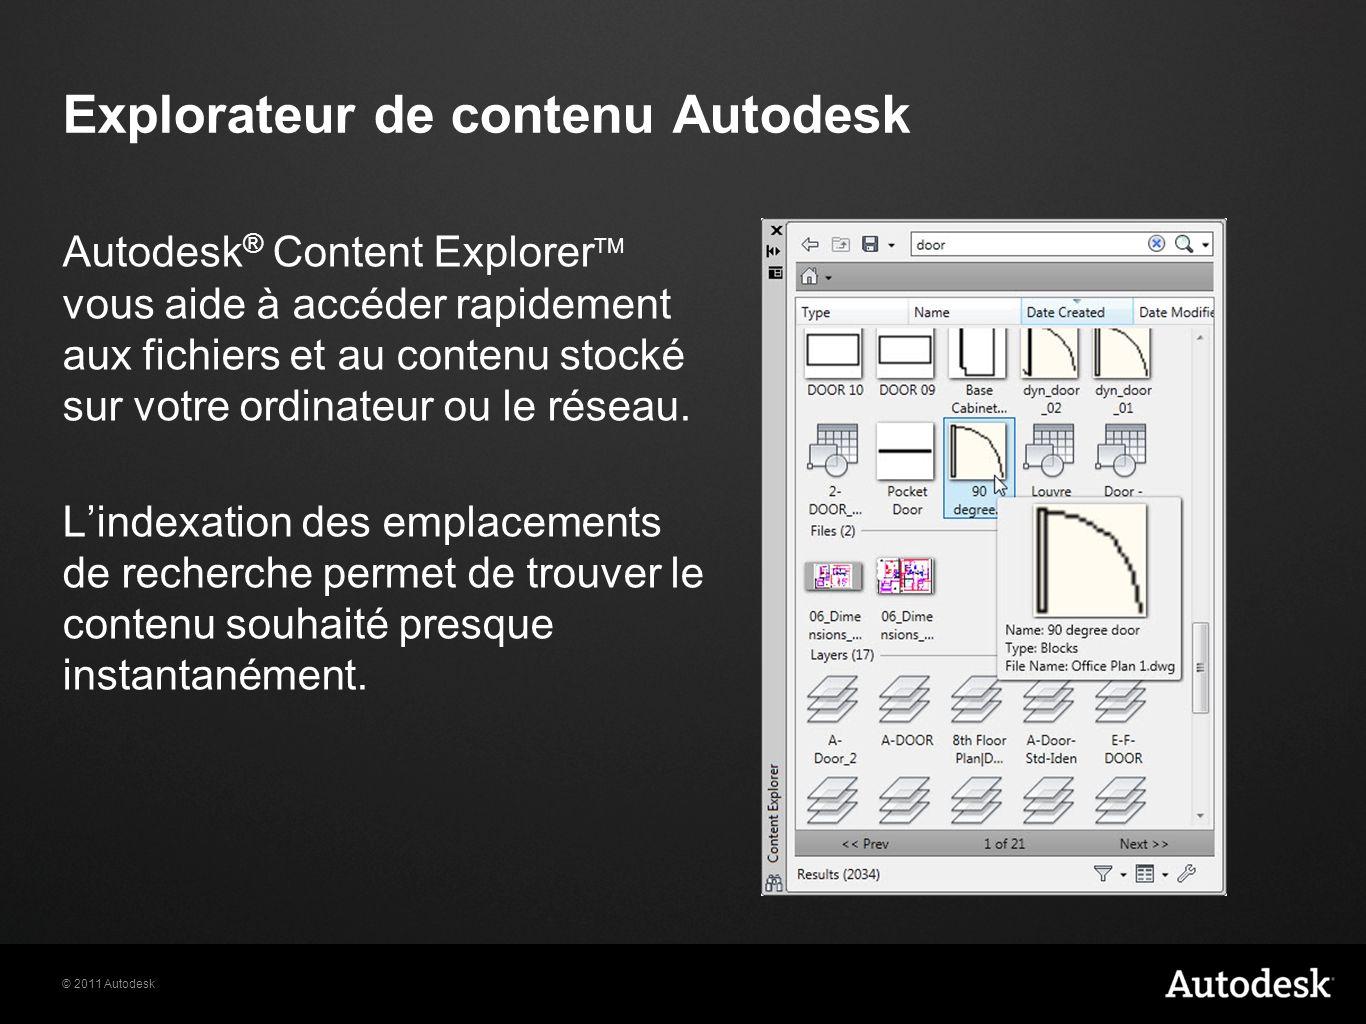 © 2011 Autodesk Explorateur de contenu Autodesk Autodesk ® Content Explorer TM vous aide à accéder rapidement aux fichiers et au contenu stocké sur votre ordinateur ou le réseau.